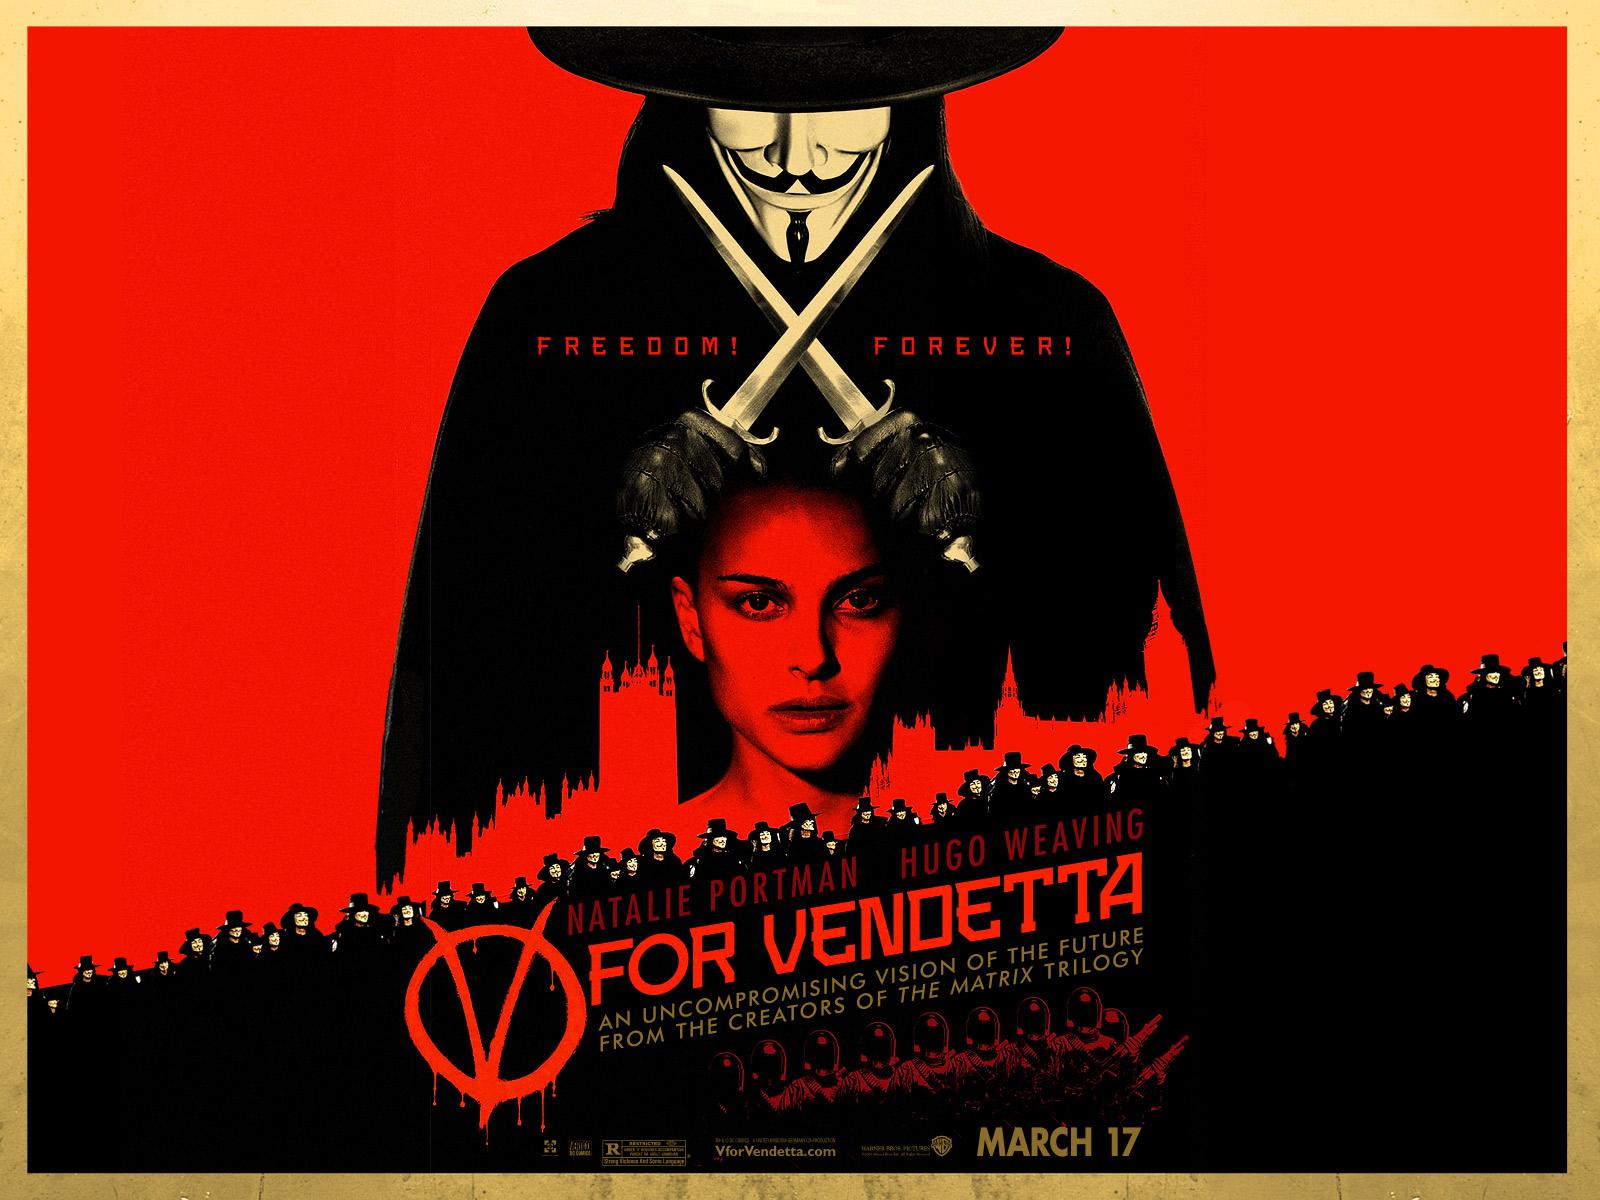 Wallpaper V pour Vendetta - V for Vendetta Natalie Portman & Hugo Weaving